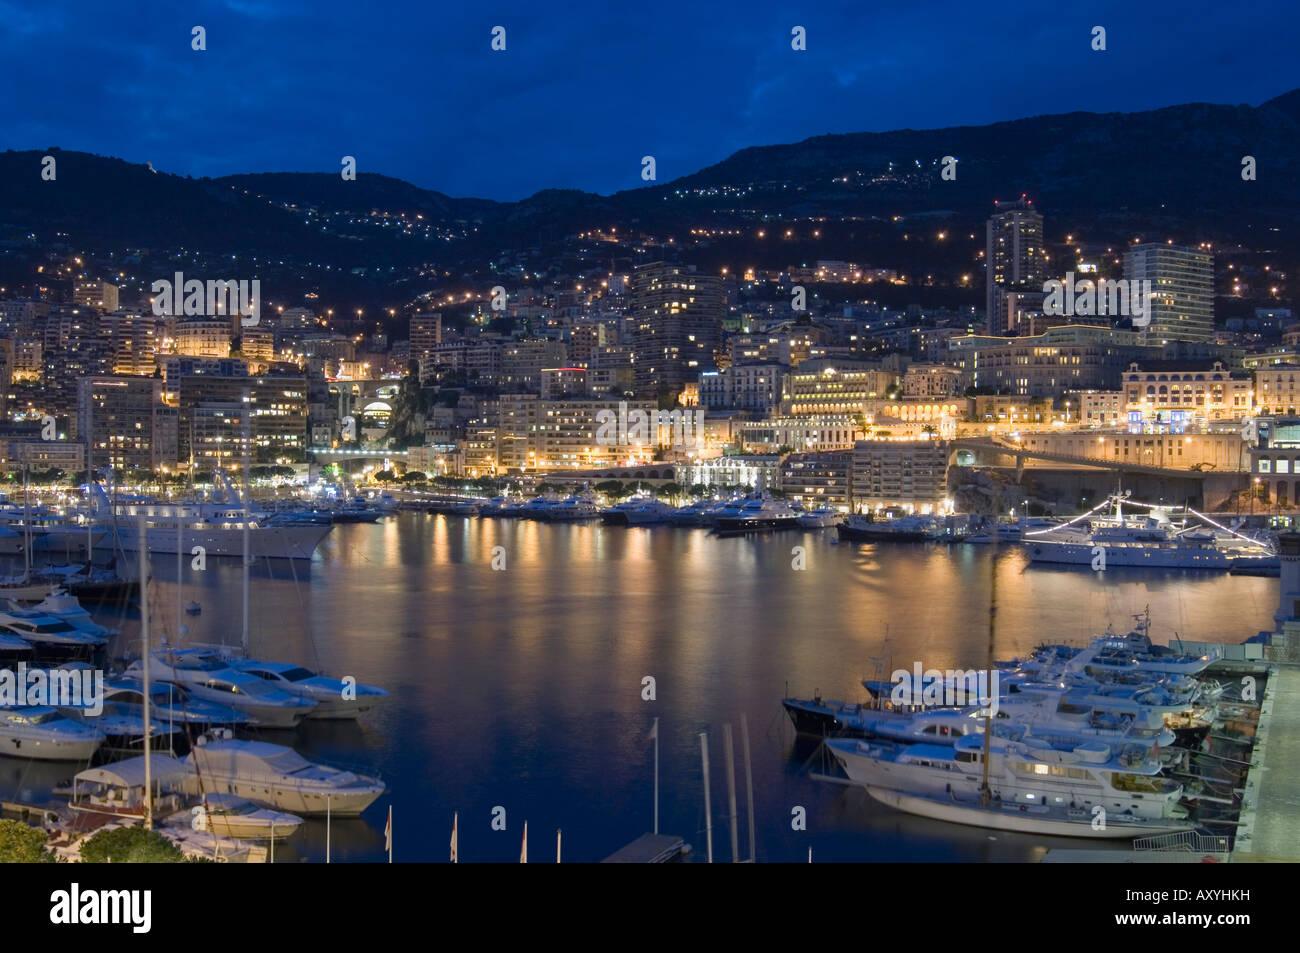 Waterfront en la noche, Montecarlo, Principado de Mónaco, Cote d'Azur, el Mediterráneo, Europa Foto de stock